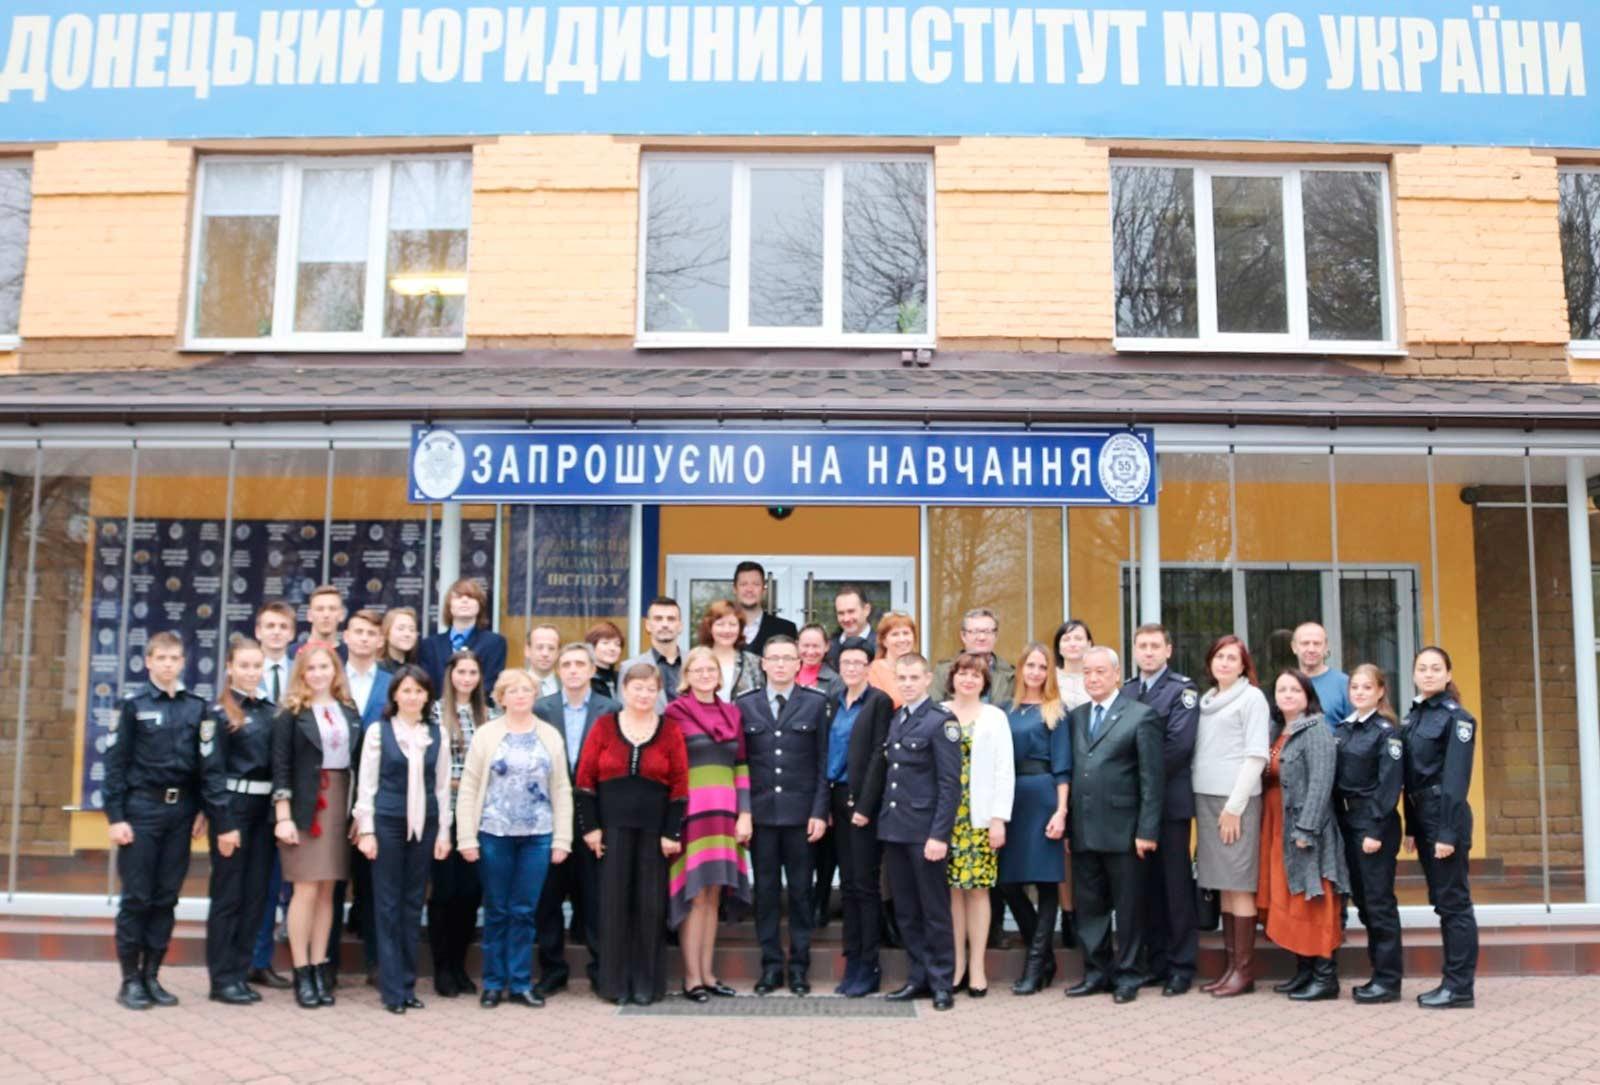 Донецький юридичний інститут МВС України